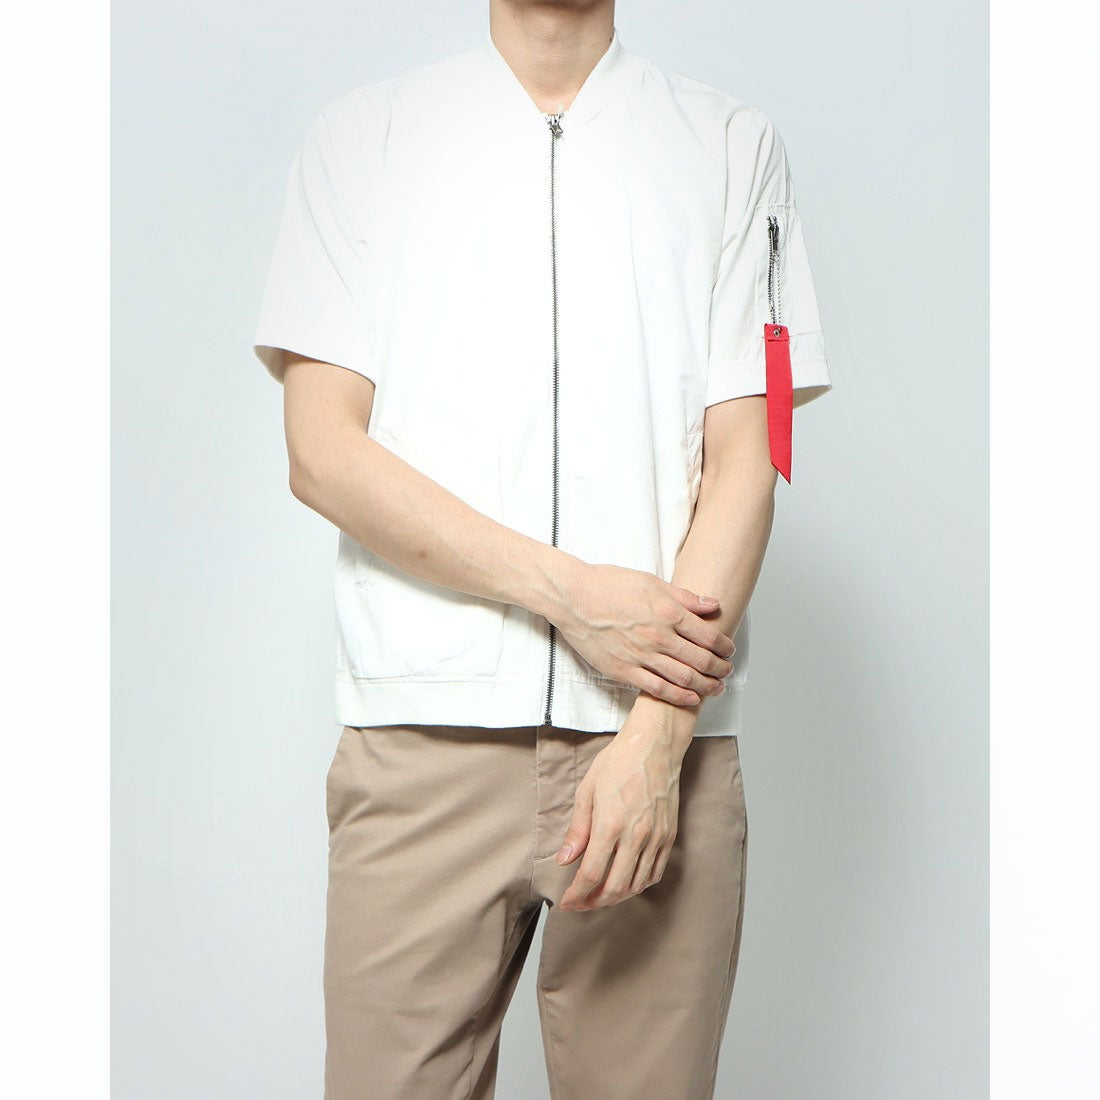 ロコンド 靴とファッションの通販サイトスタイルブロック STYLEBLOCK ポプリンMA-1ミリタリー半袖シャツ (ホワイト)